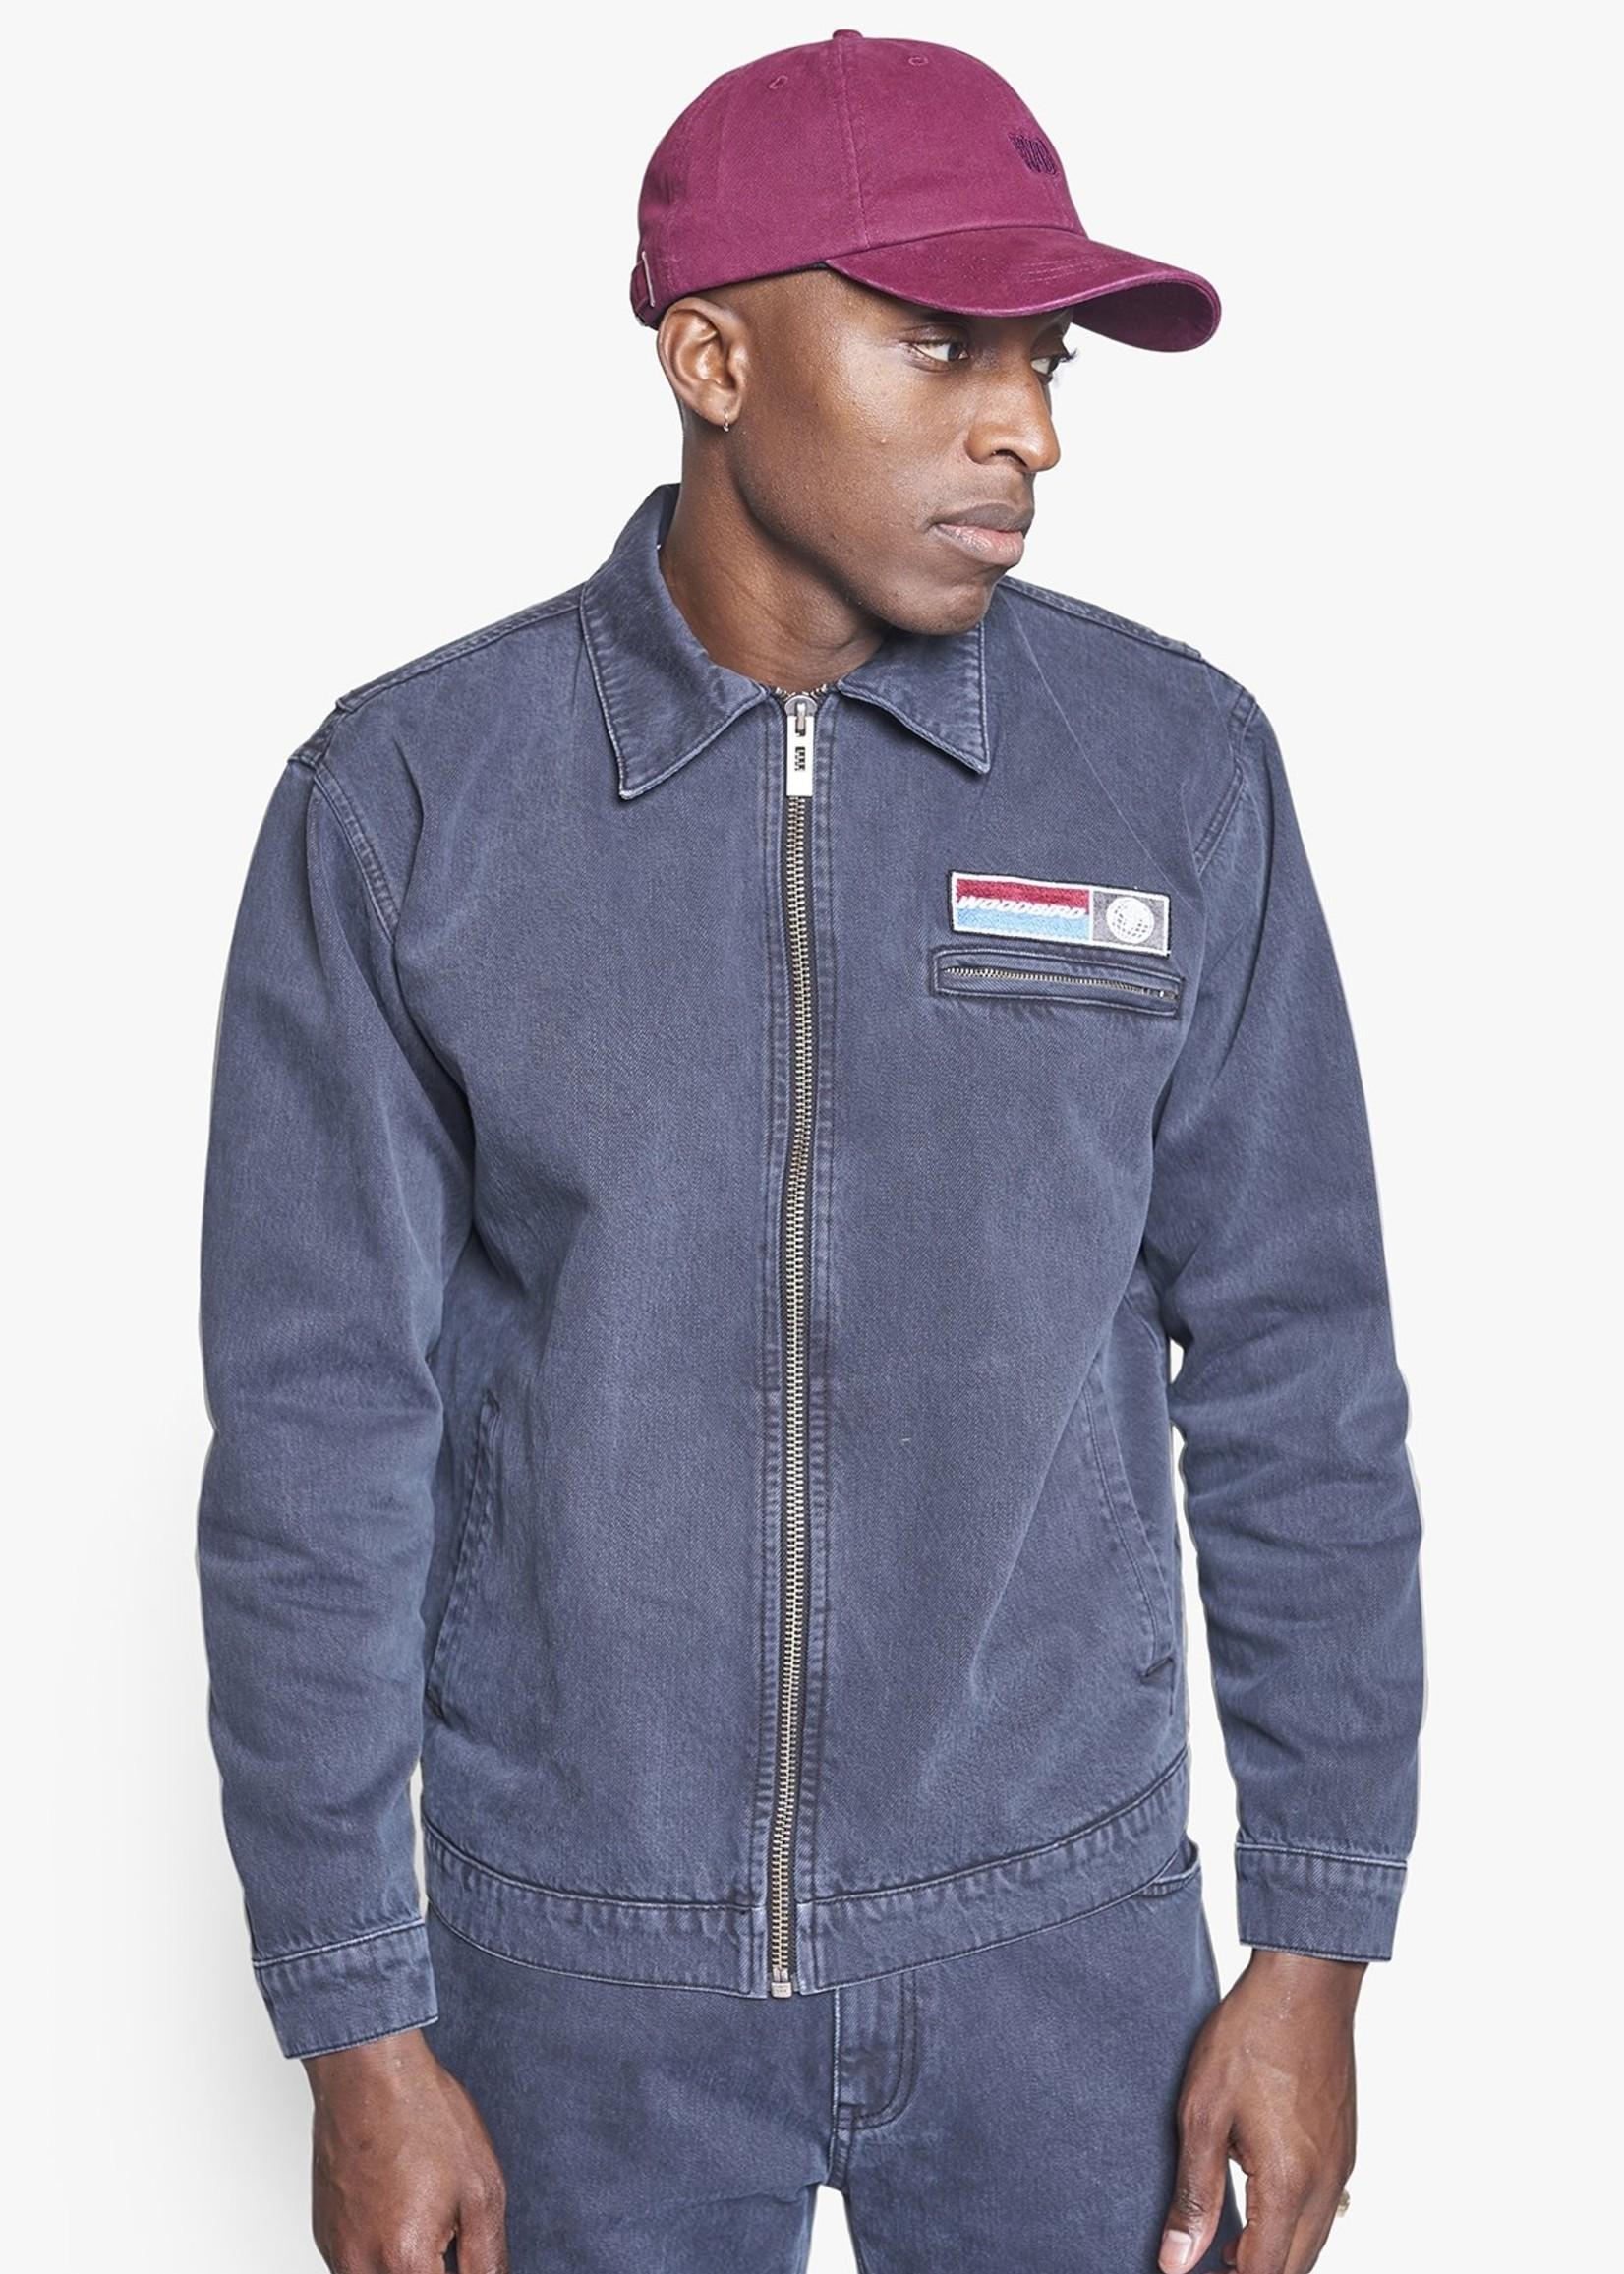 Woodbird Wade Worker Jacket